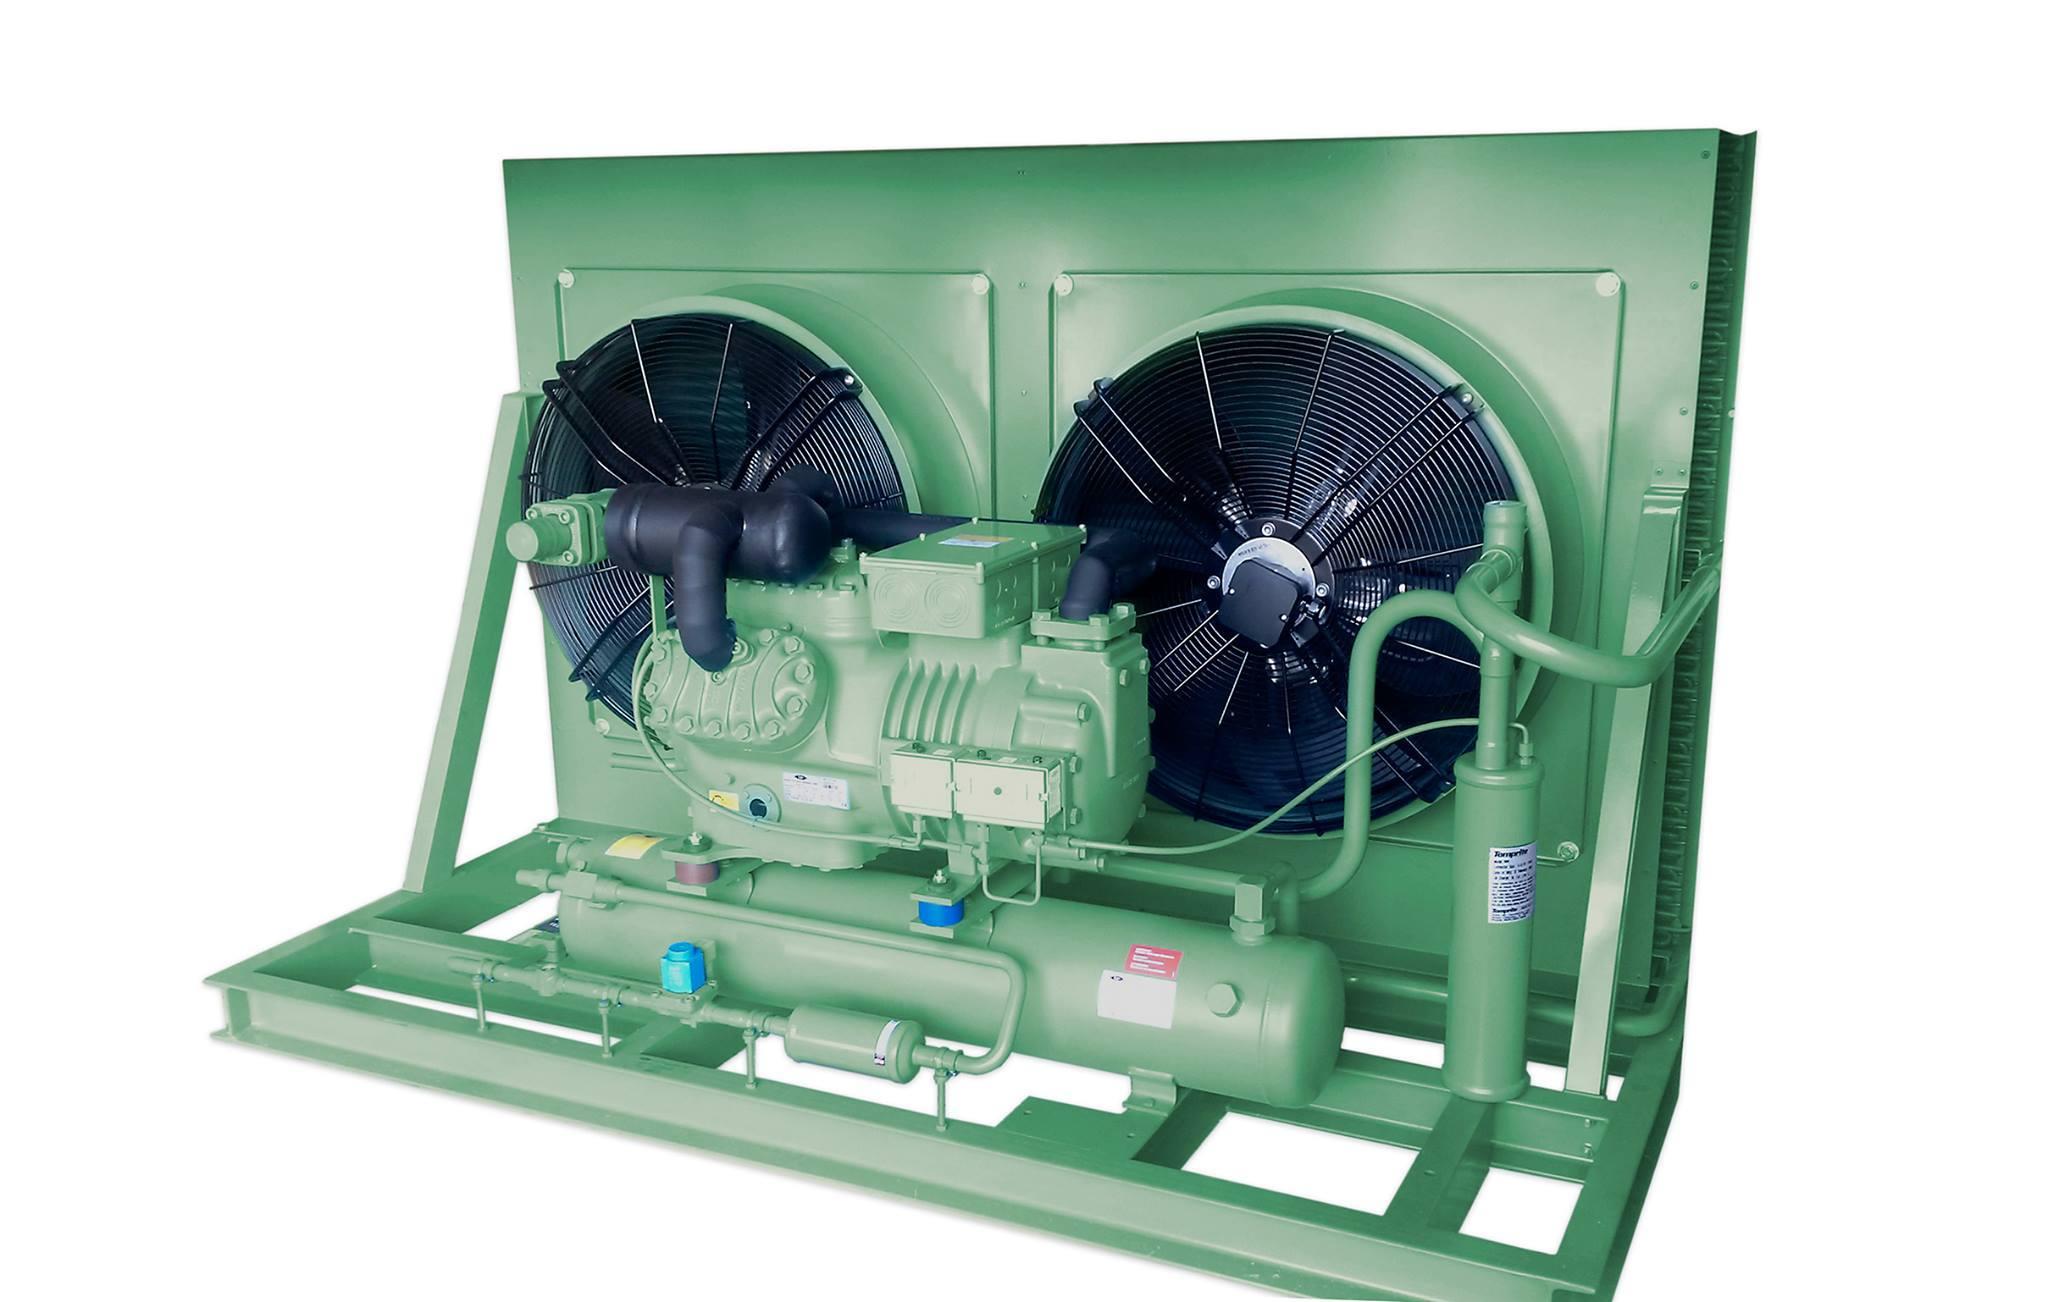 Freon condenser unit Bitzer Image